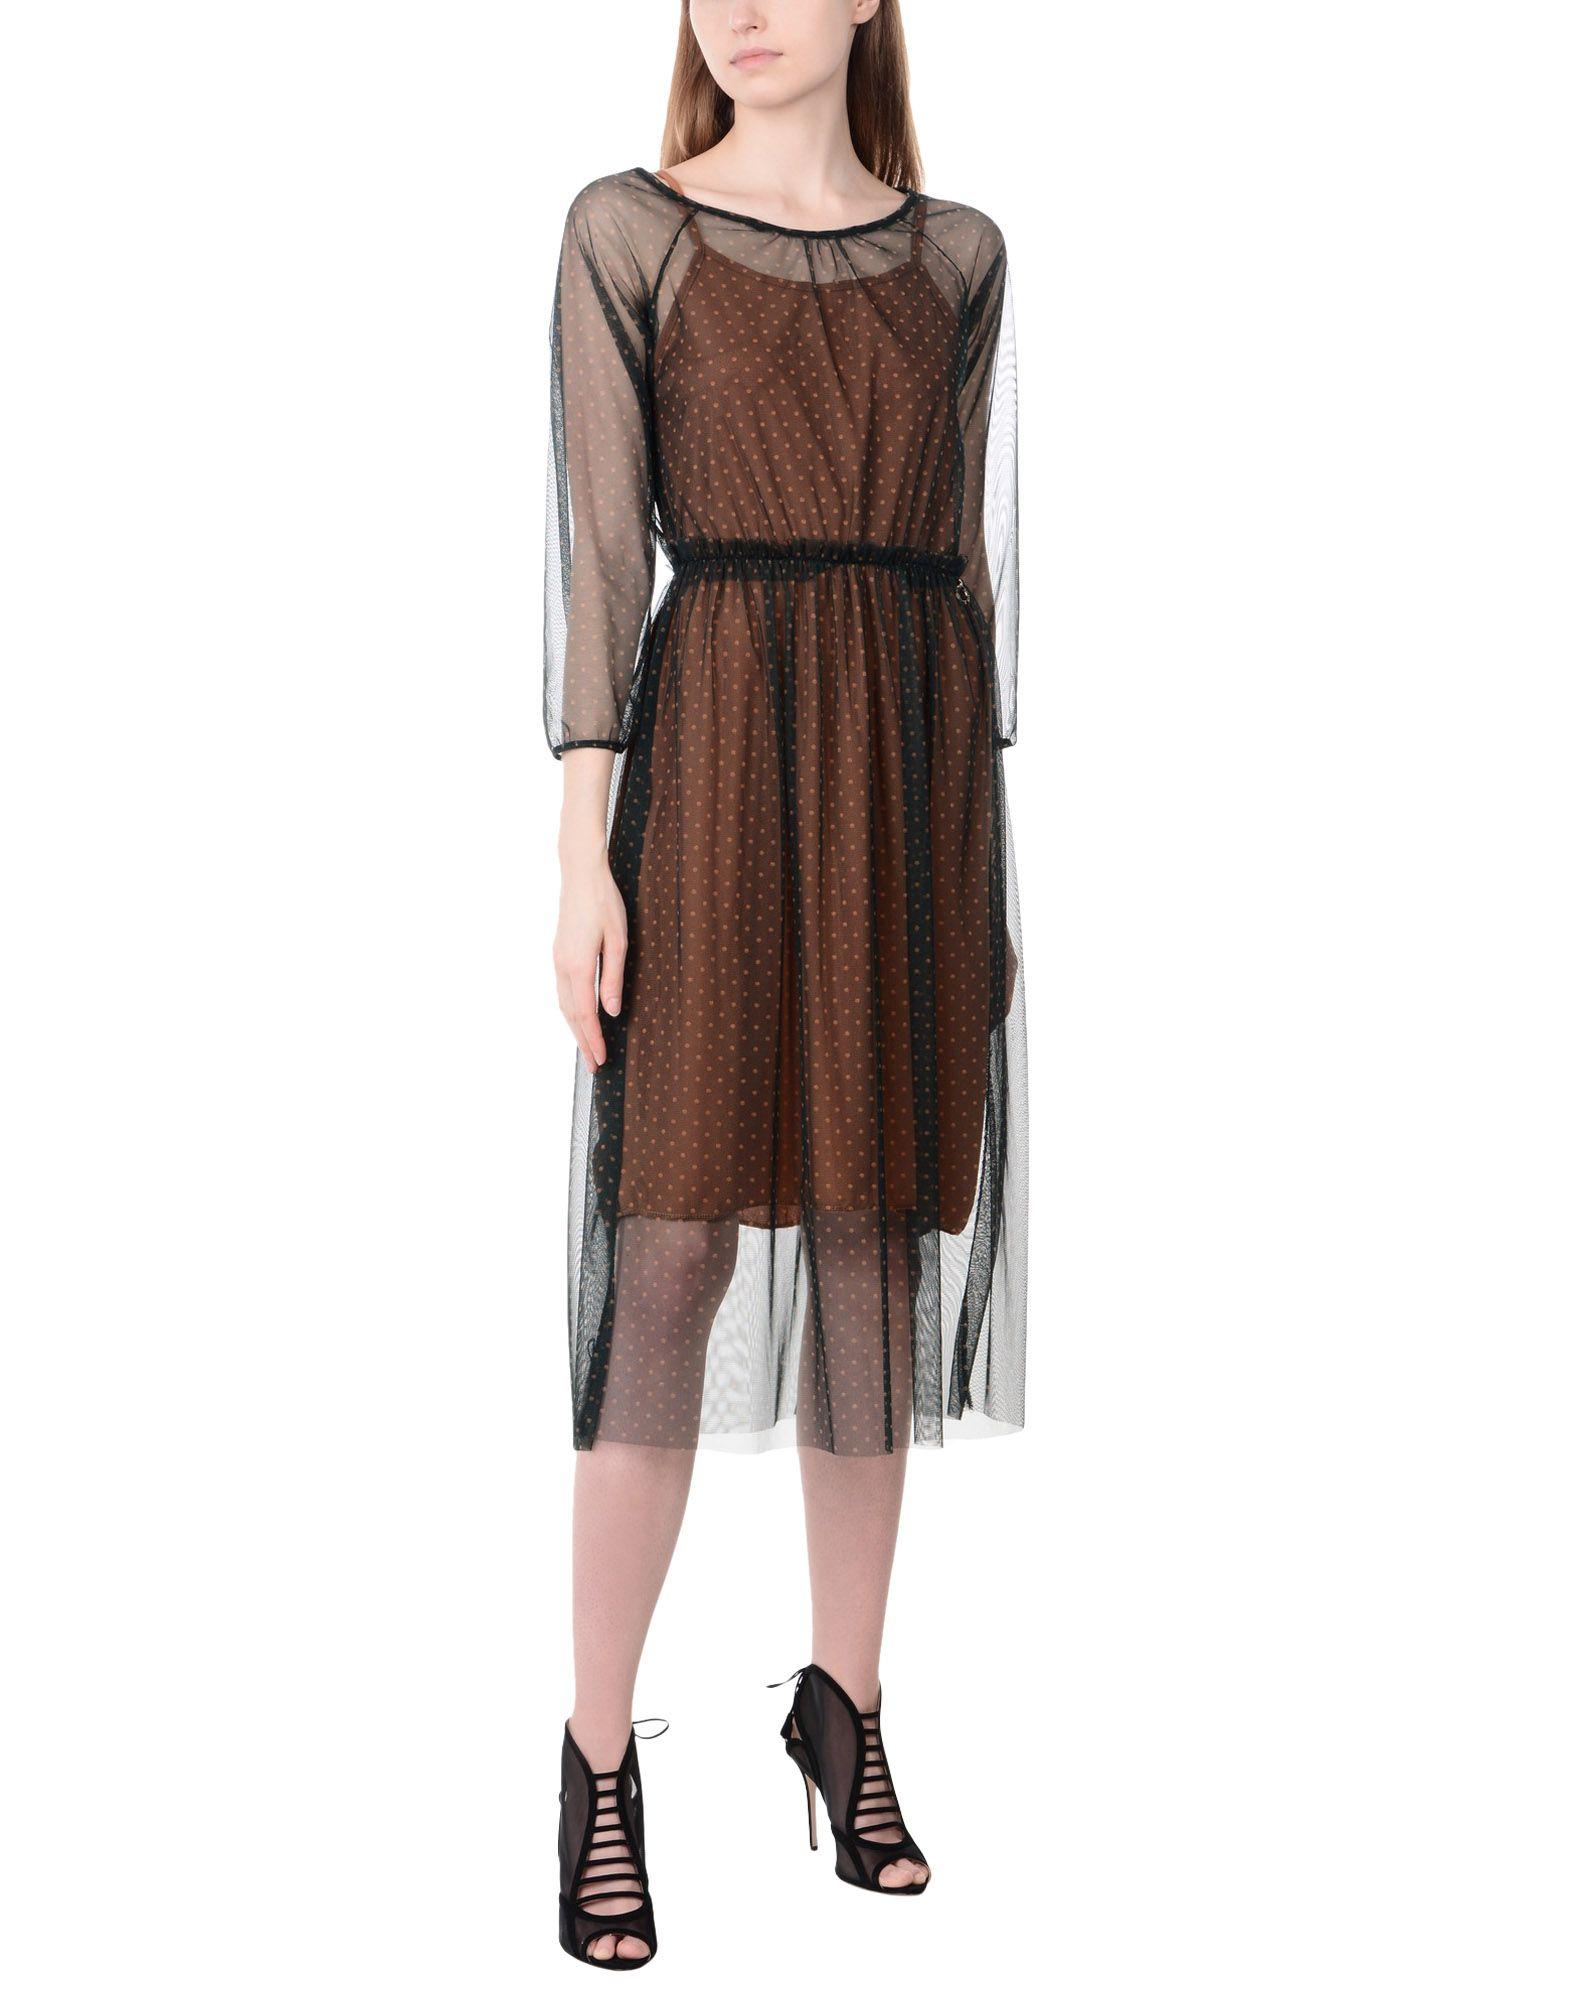 Фото - MANGANO Платье длиной 3/4 платье комбинезон в горошек 1 мес 3 года